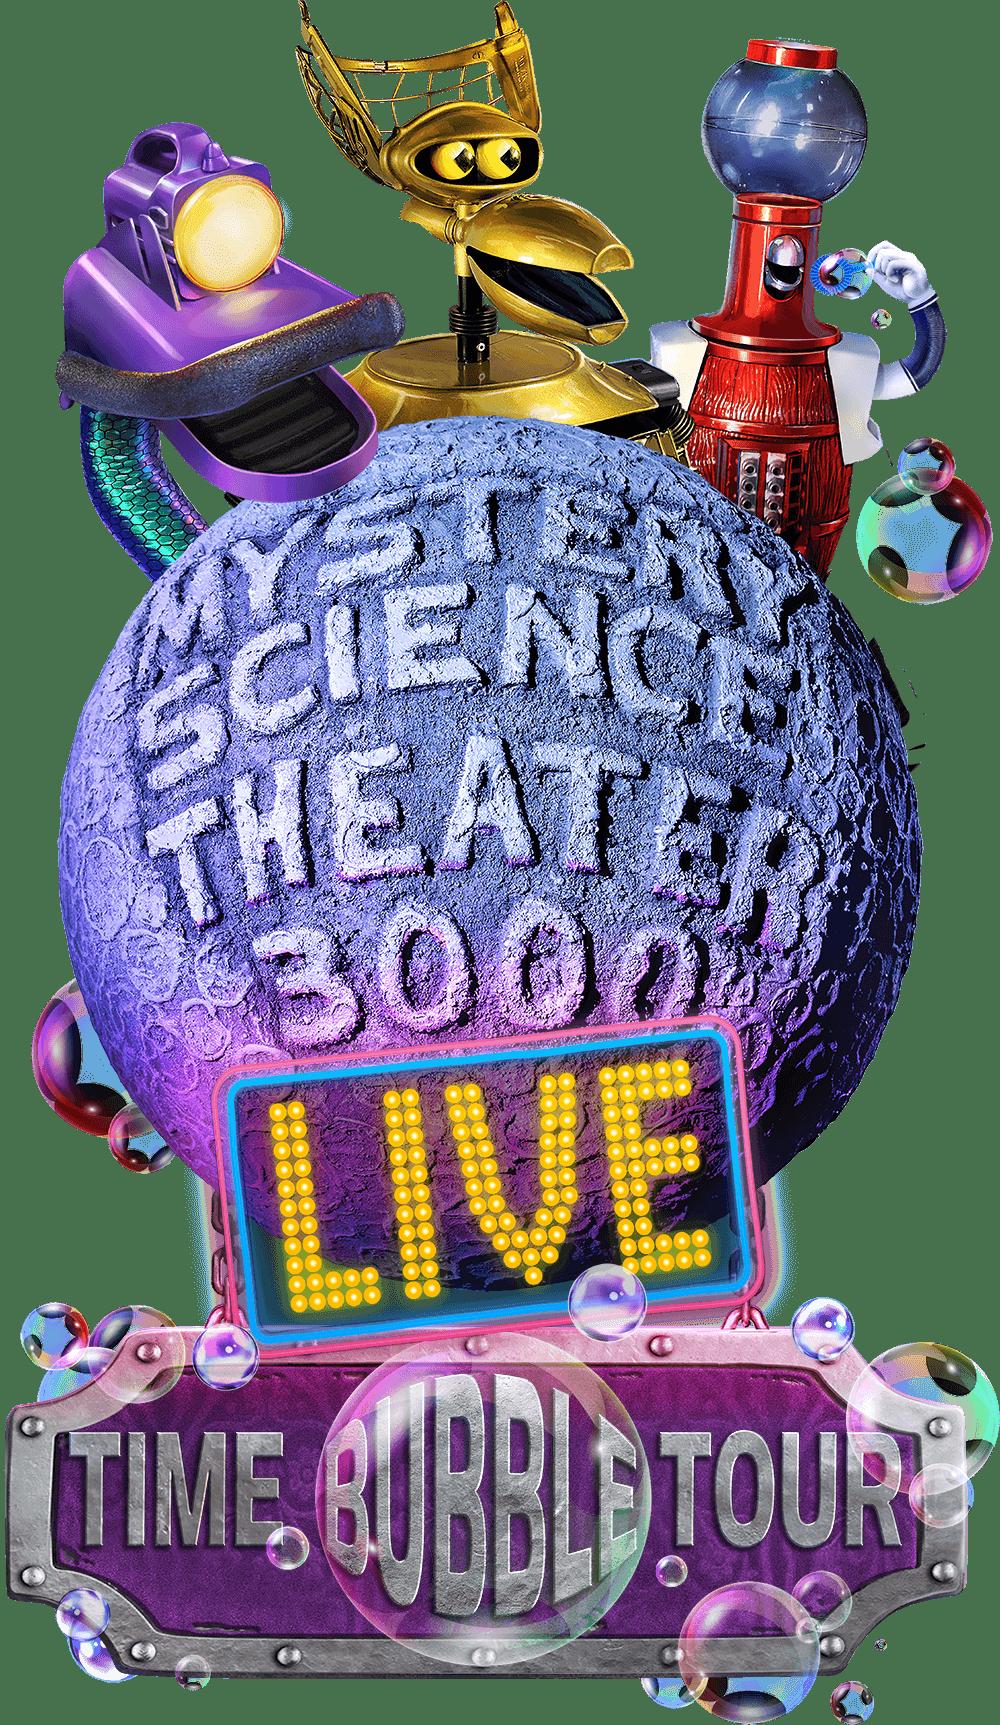 The Time Bubble Tour